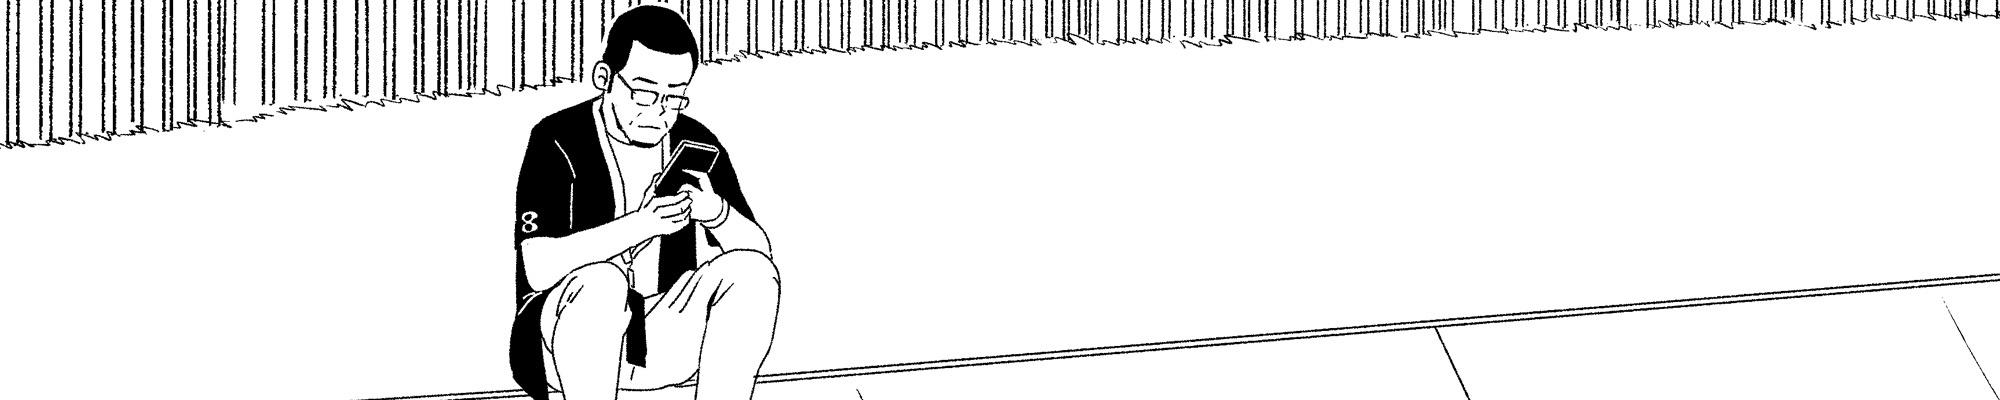 漫画核聚变:我的八周年核聚变之旅和几张小漫画